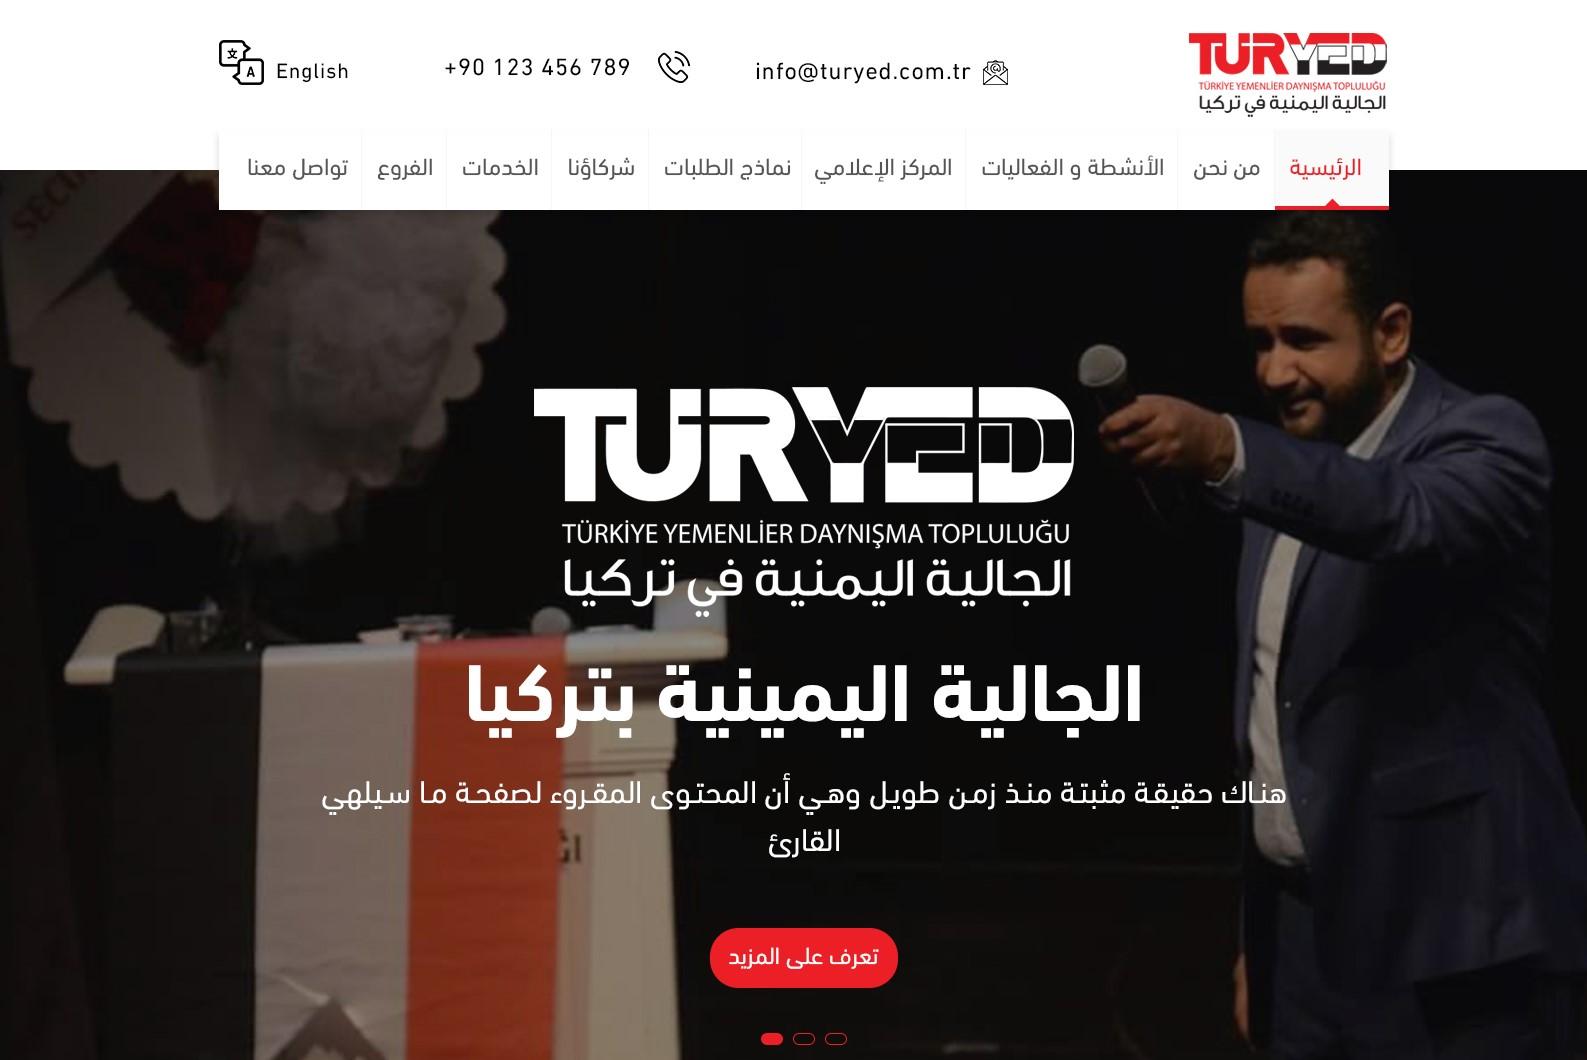 موقع الجالية اليمنية في تركيا